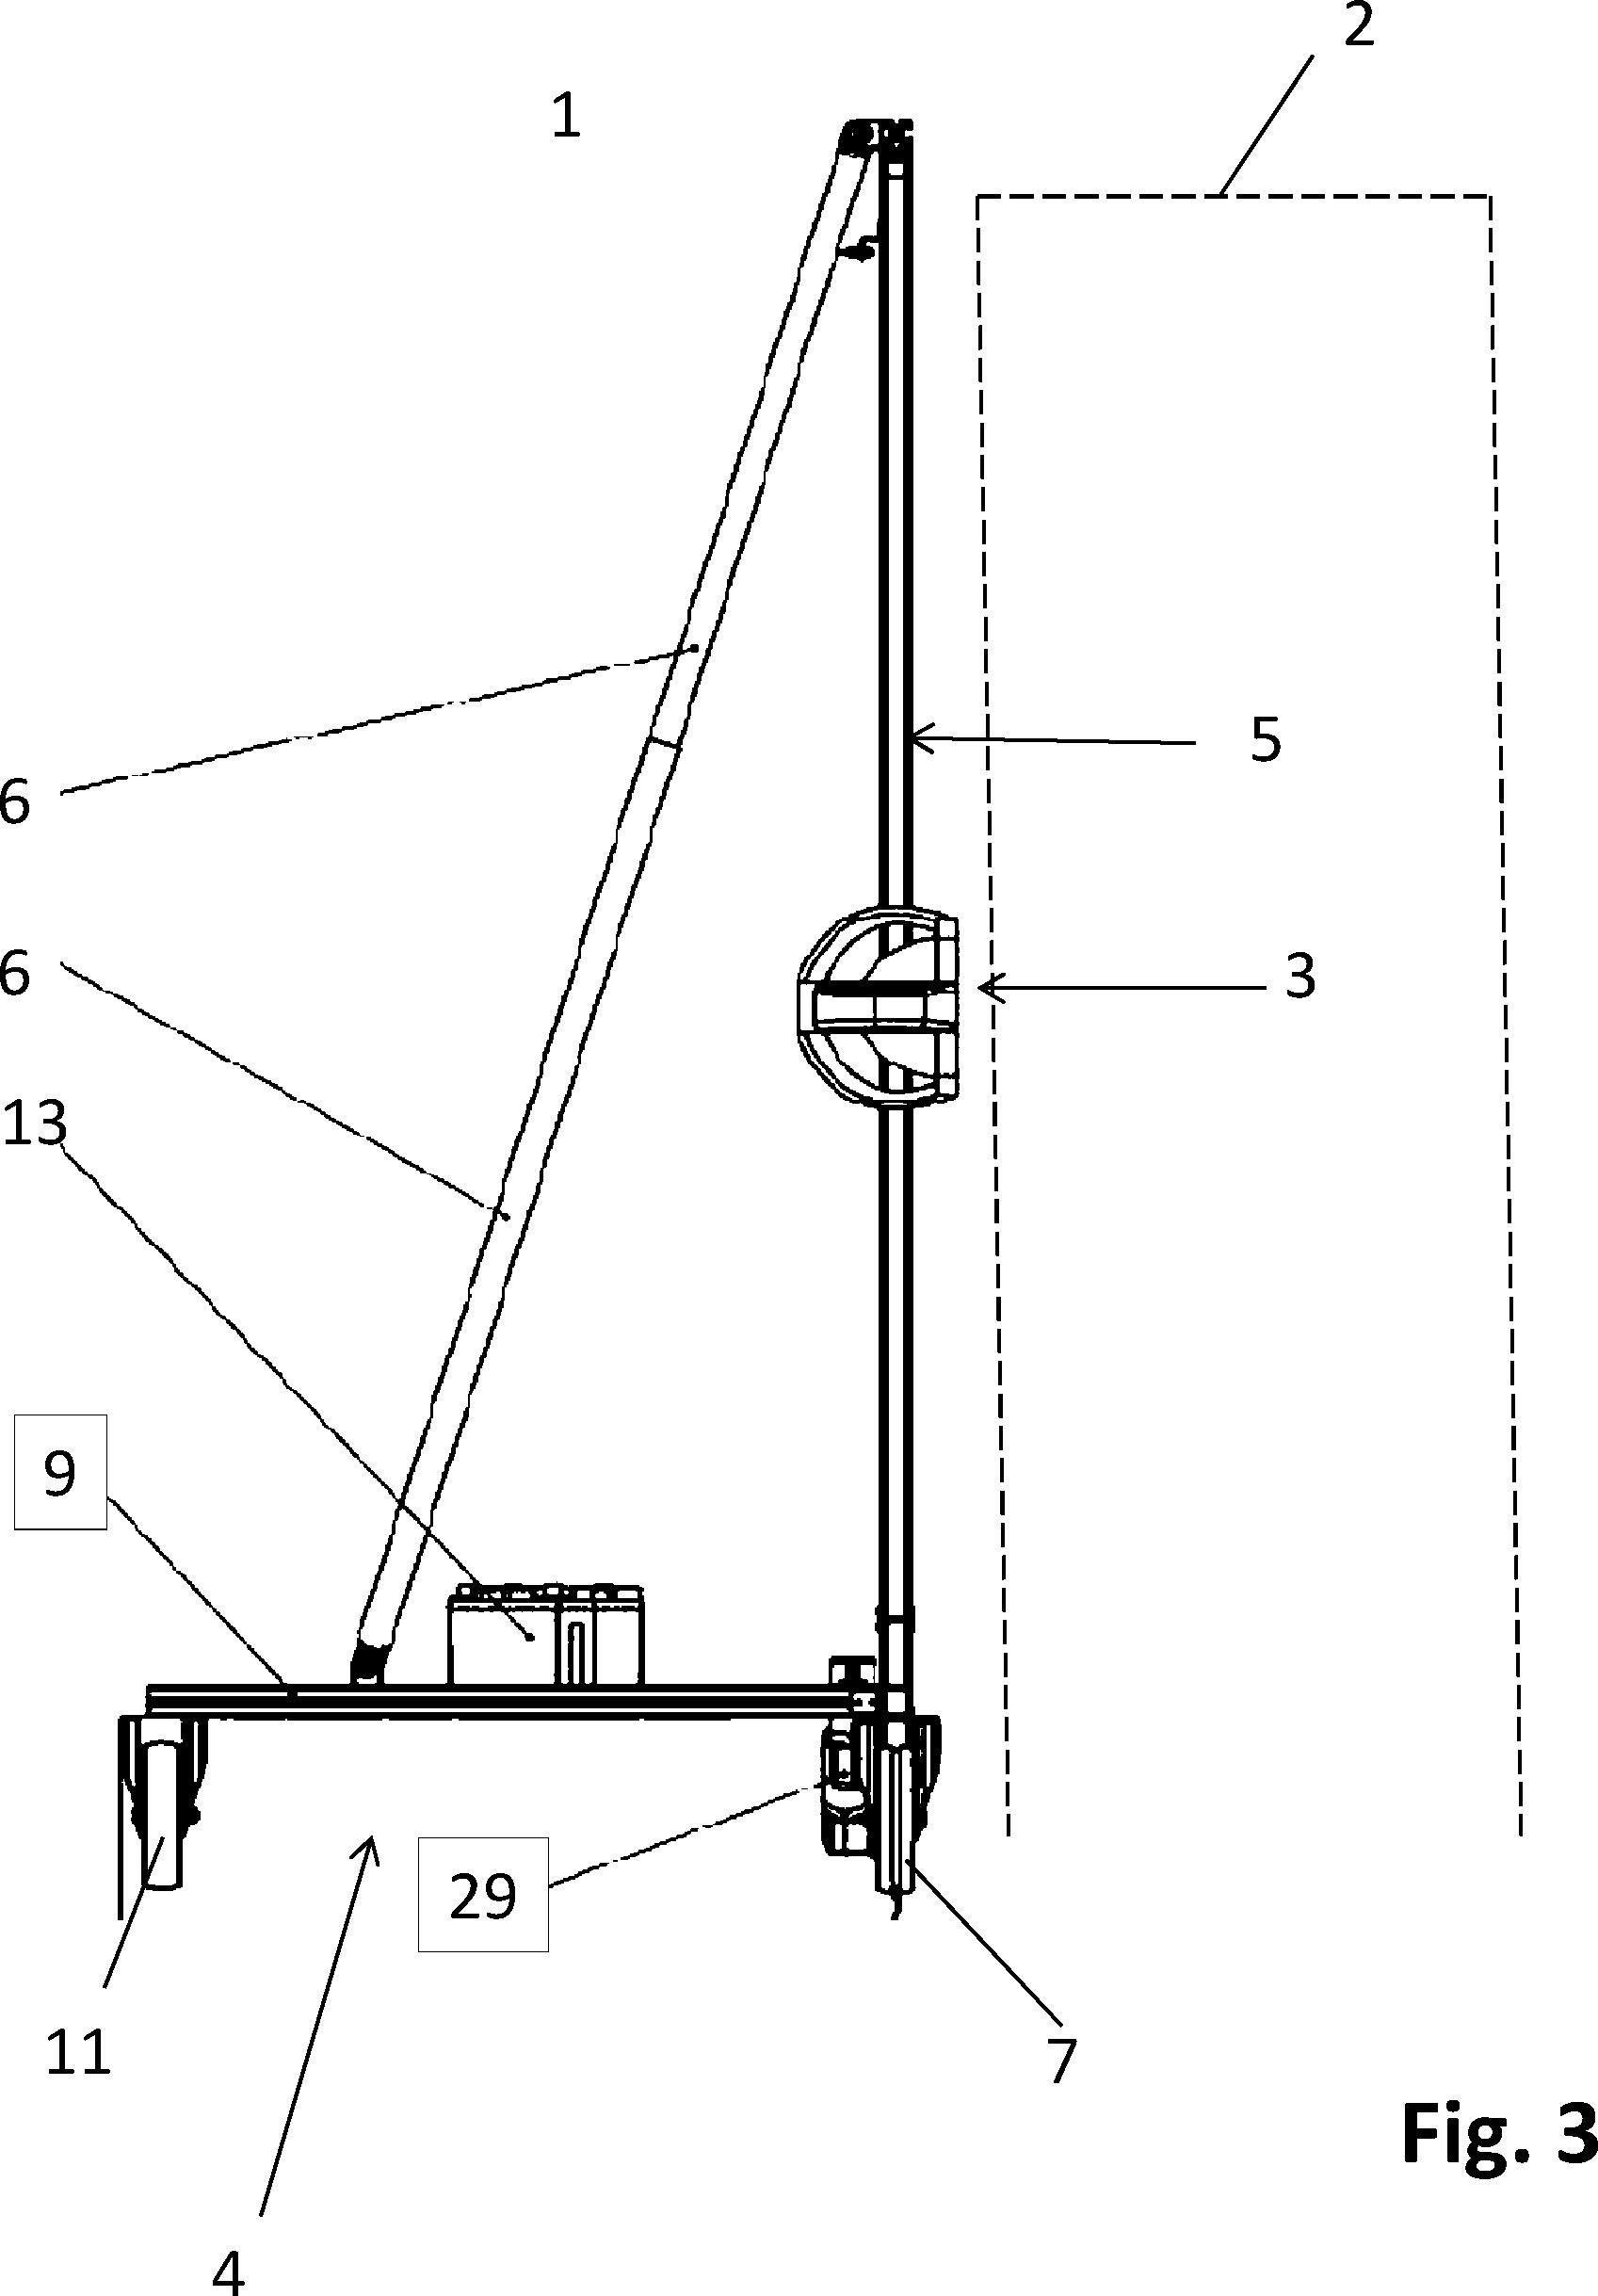 patent de202013104163u1 vorrichtung zum schneiden von hecken apparatus for trimming hedges. Black Bedroom Furniture Sets. Home Design Ideas